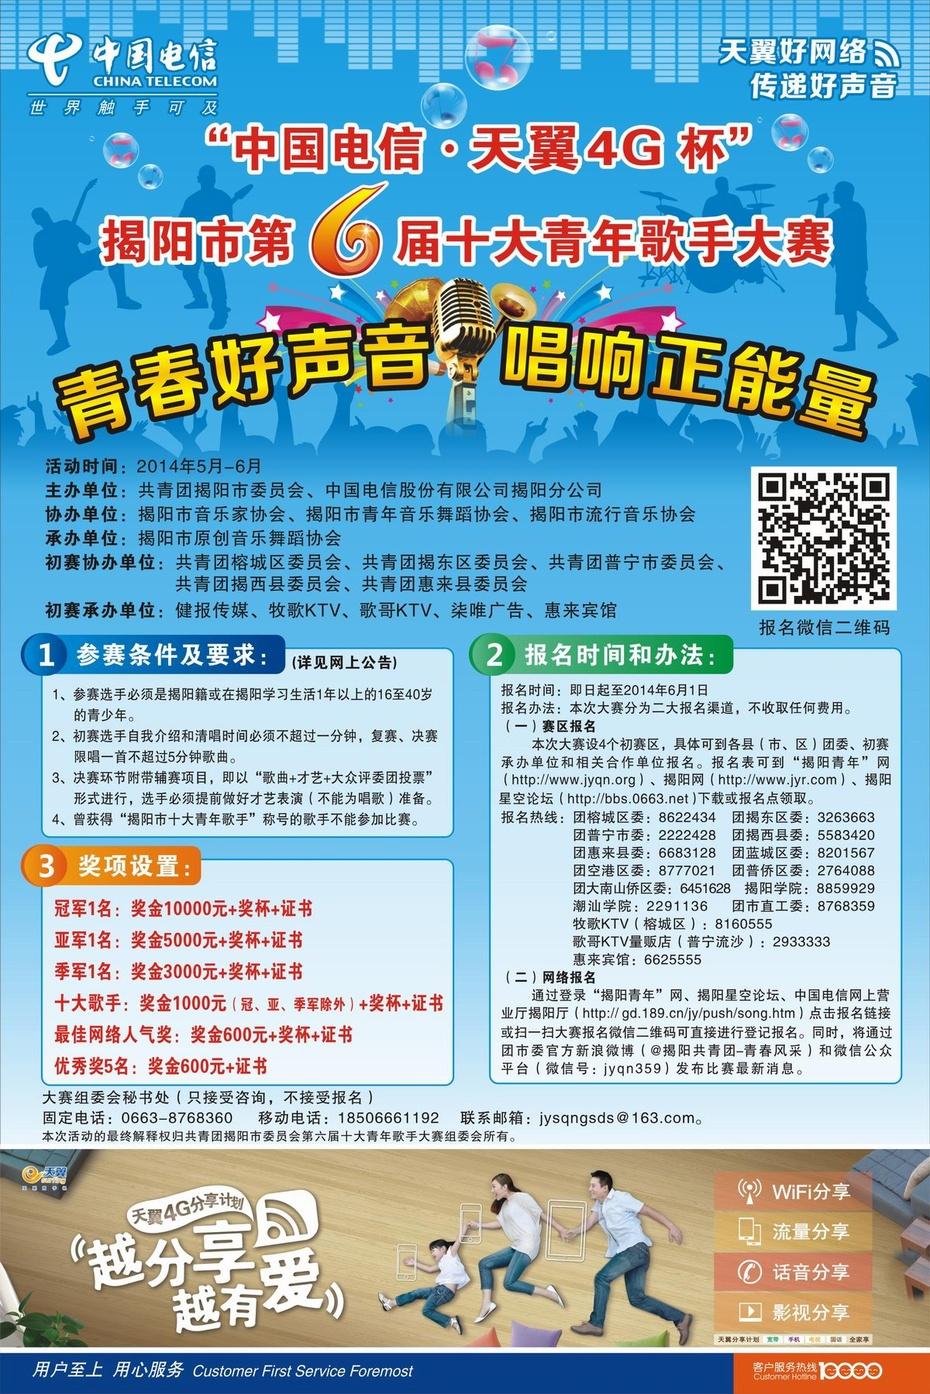 精神和习近平总书记关于中国梦的一系列重要讲话精神